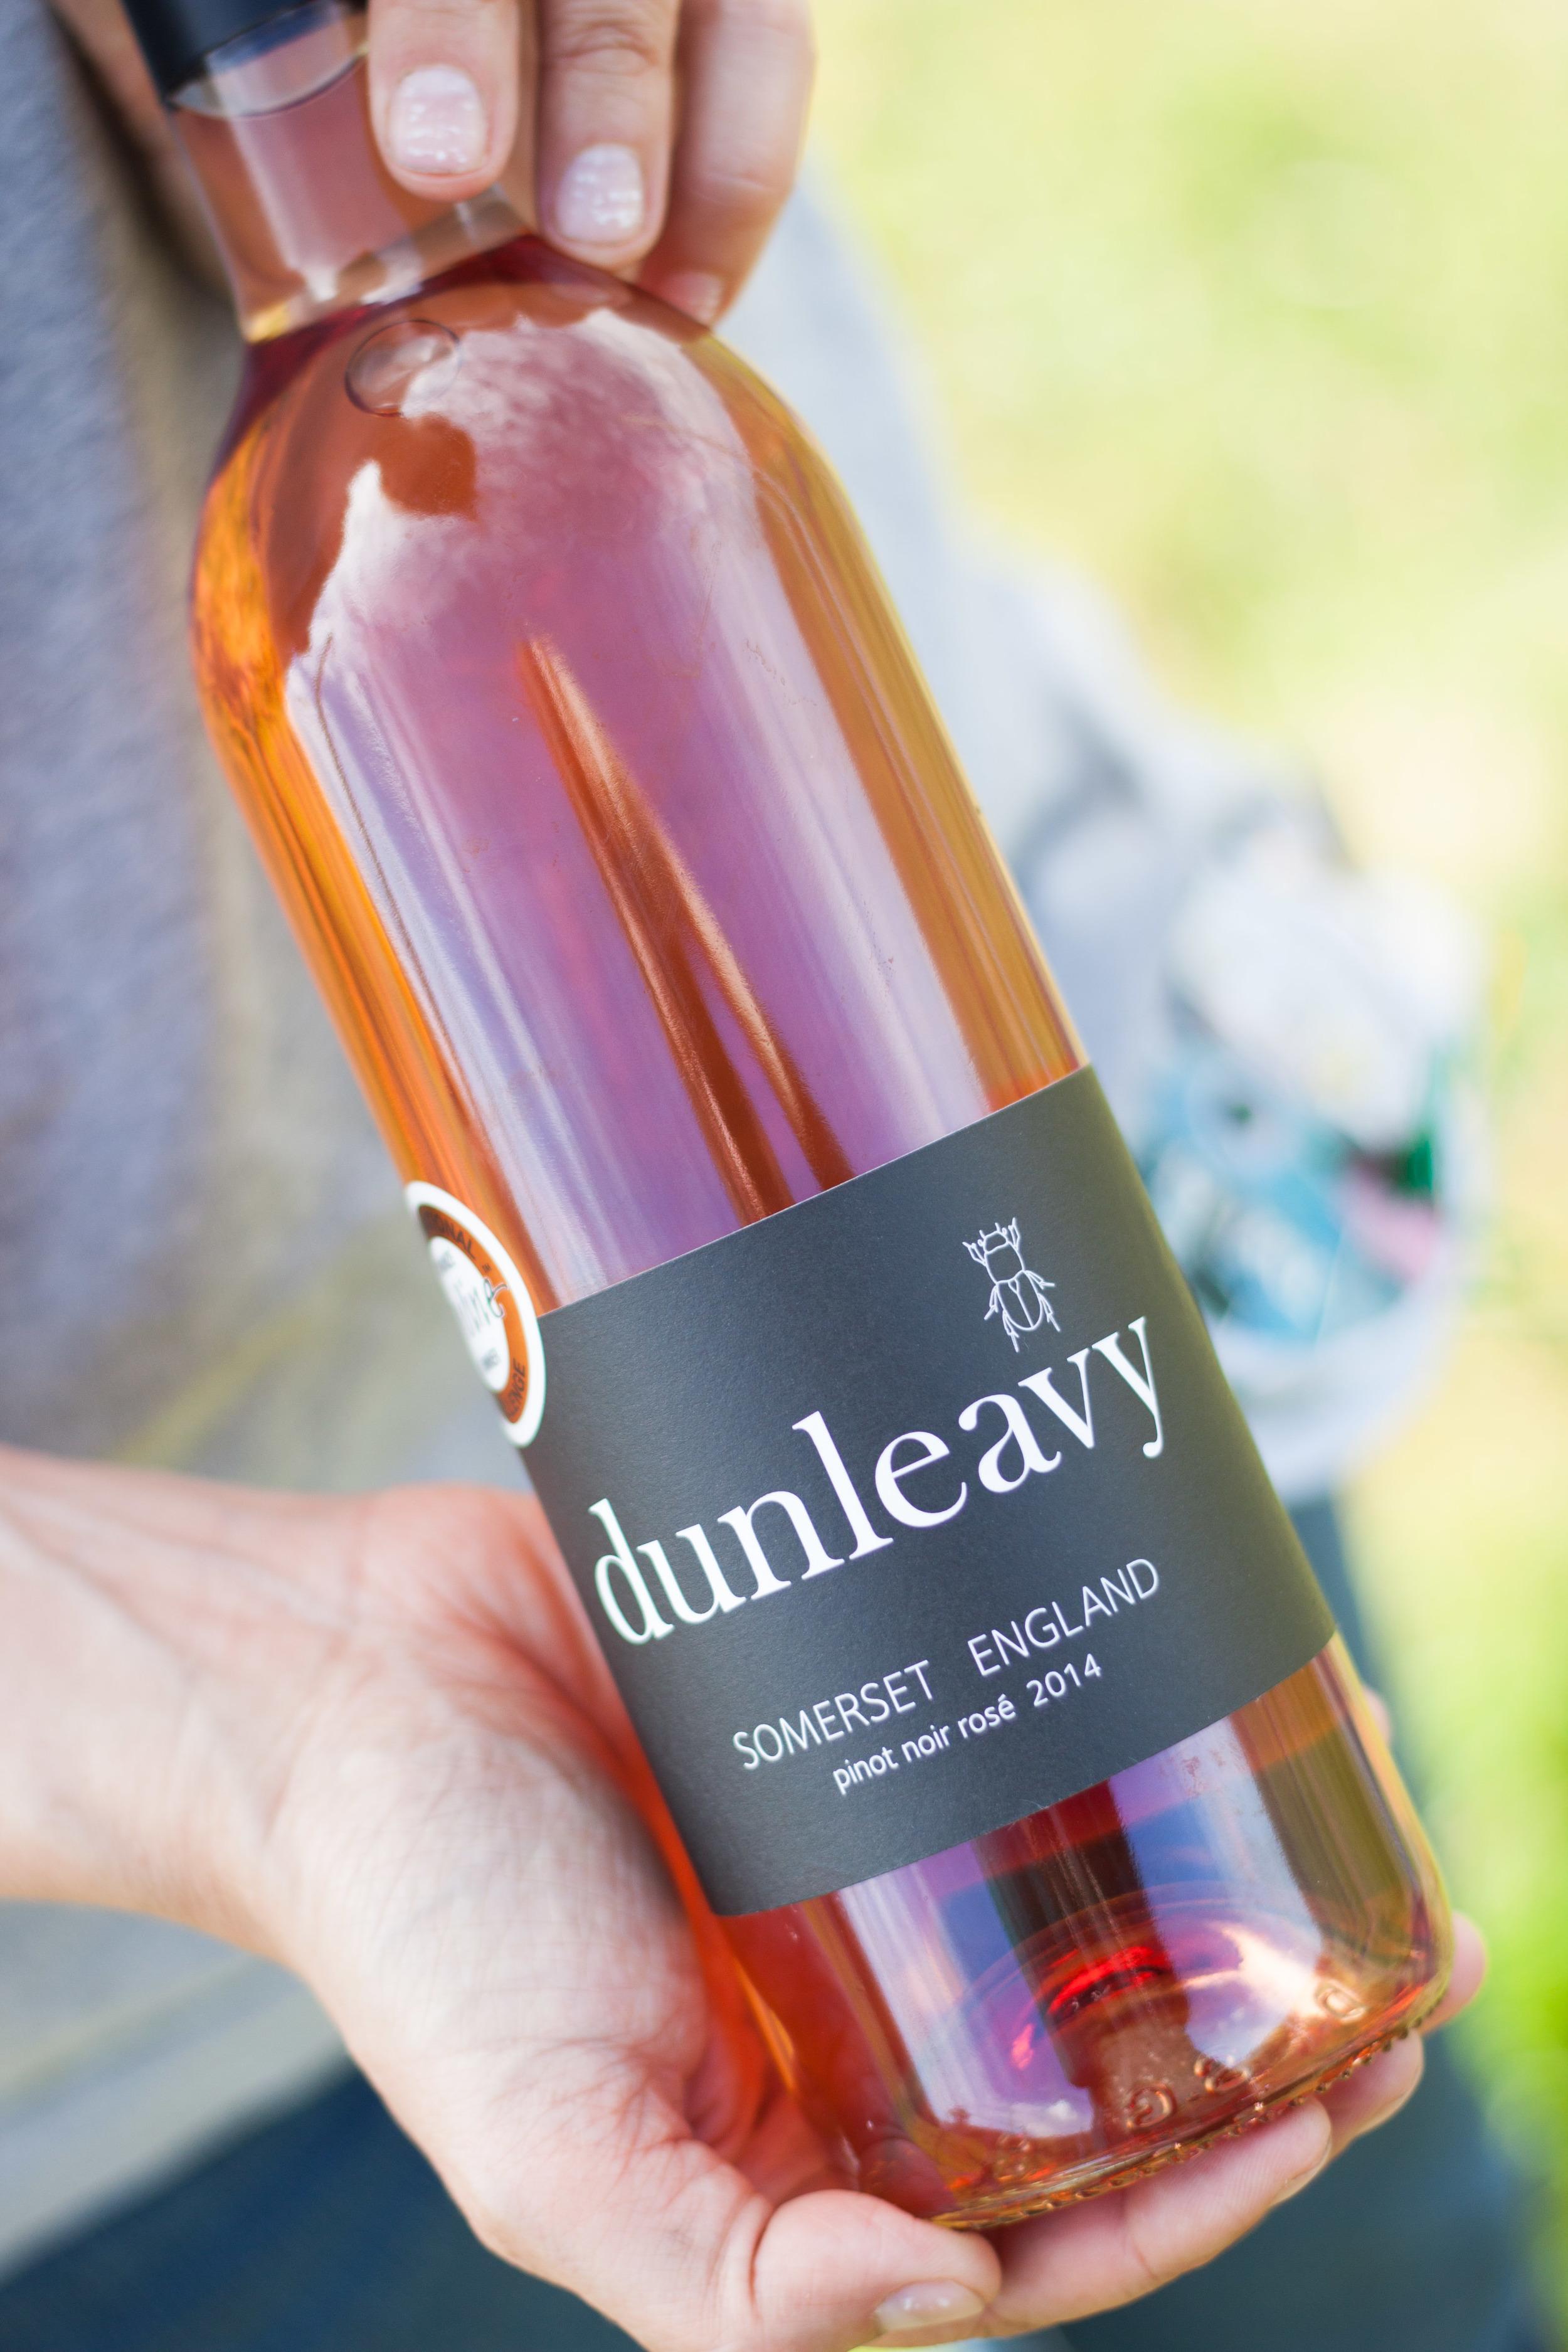 dunleavy_vineyard_bottle